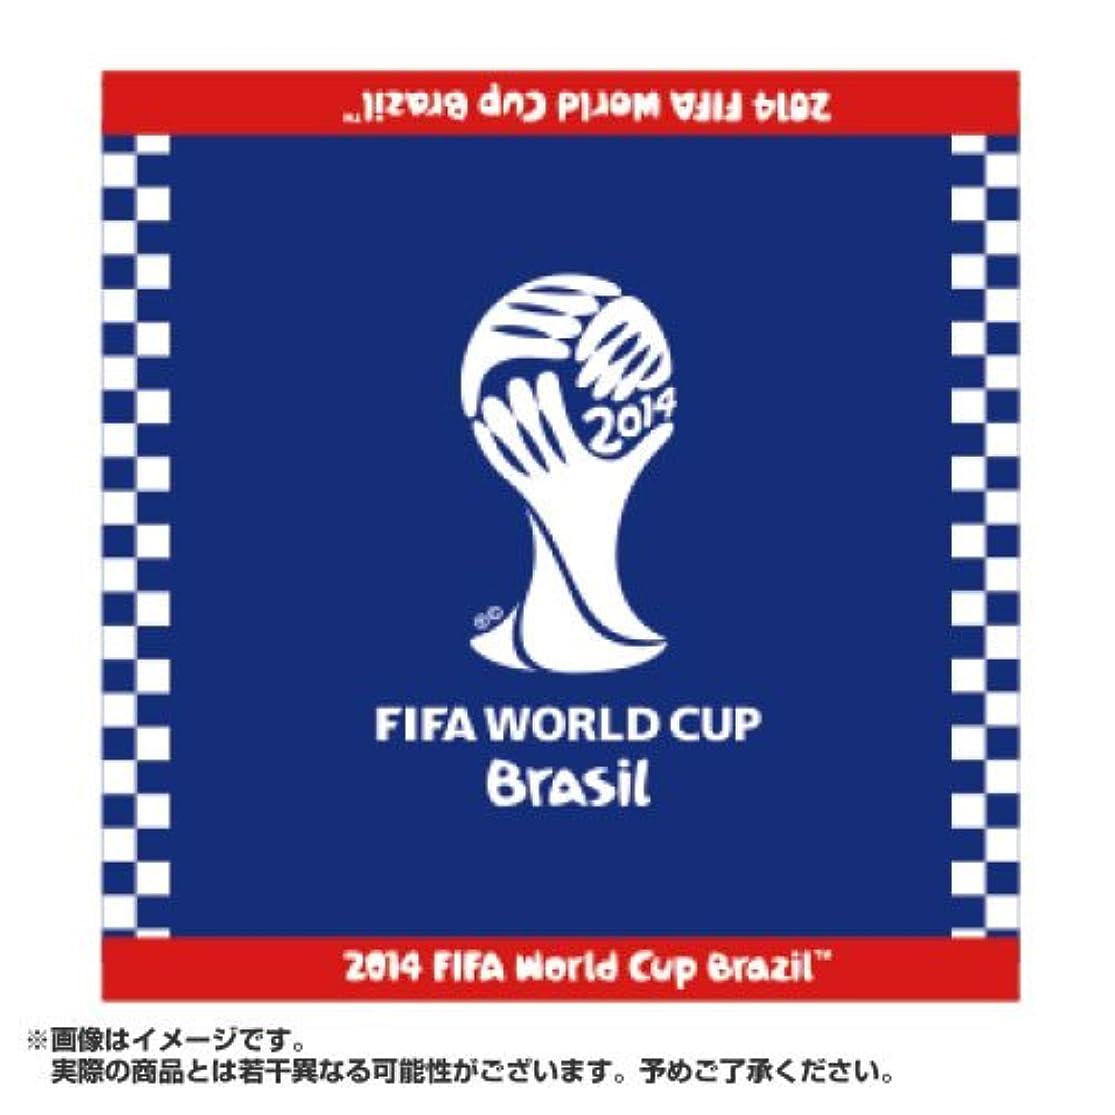 貞失業者逃れるワールドカップ2014 FIFAW杯2014 オフィシャルハンドタオル(日本)